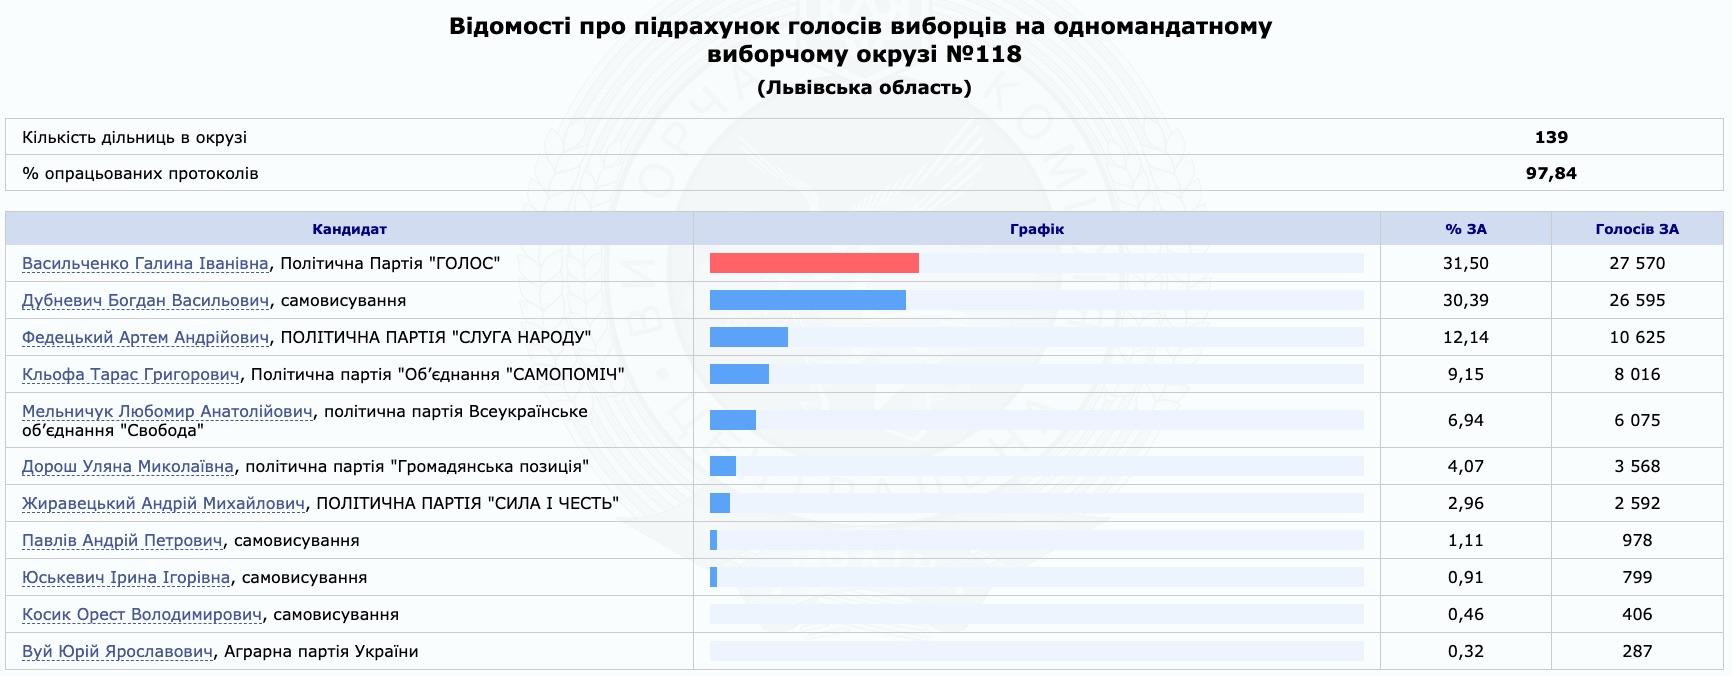 Нардеп Дубневич признал поражение, в 118 округе побеждает Голос